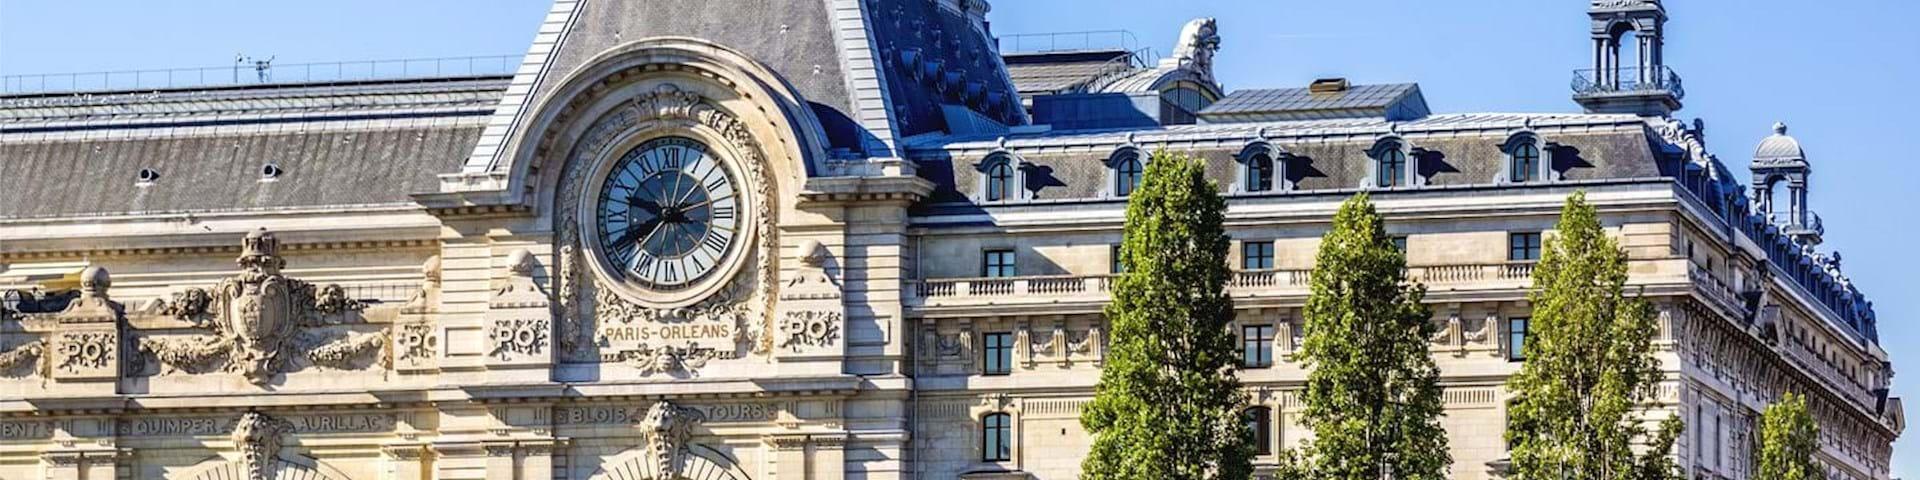 Musée d'Orsay Tours